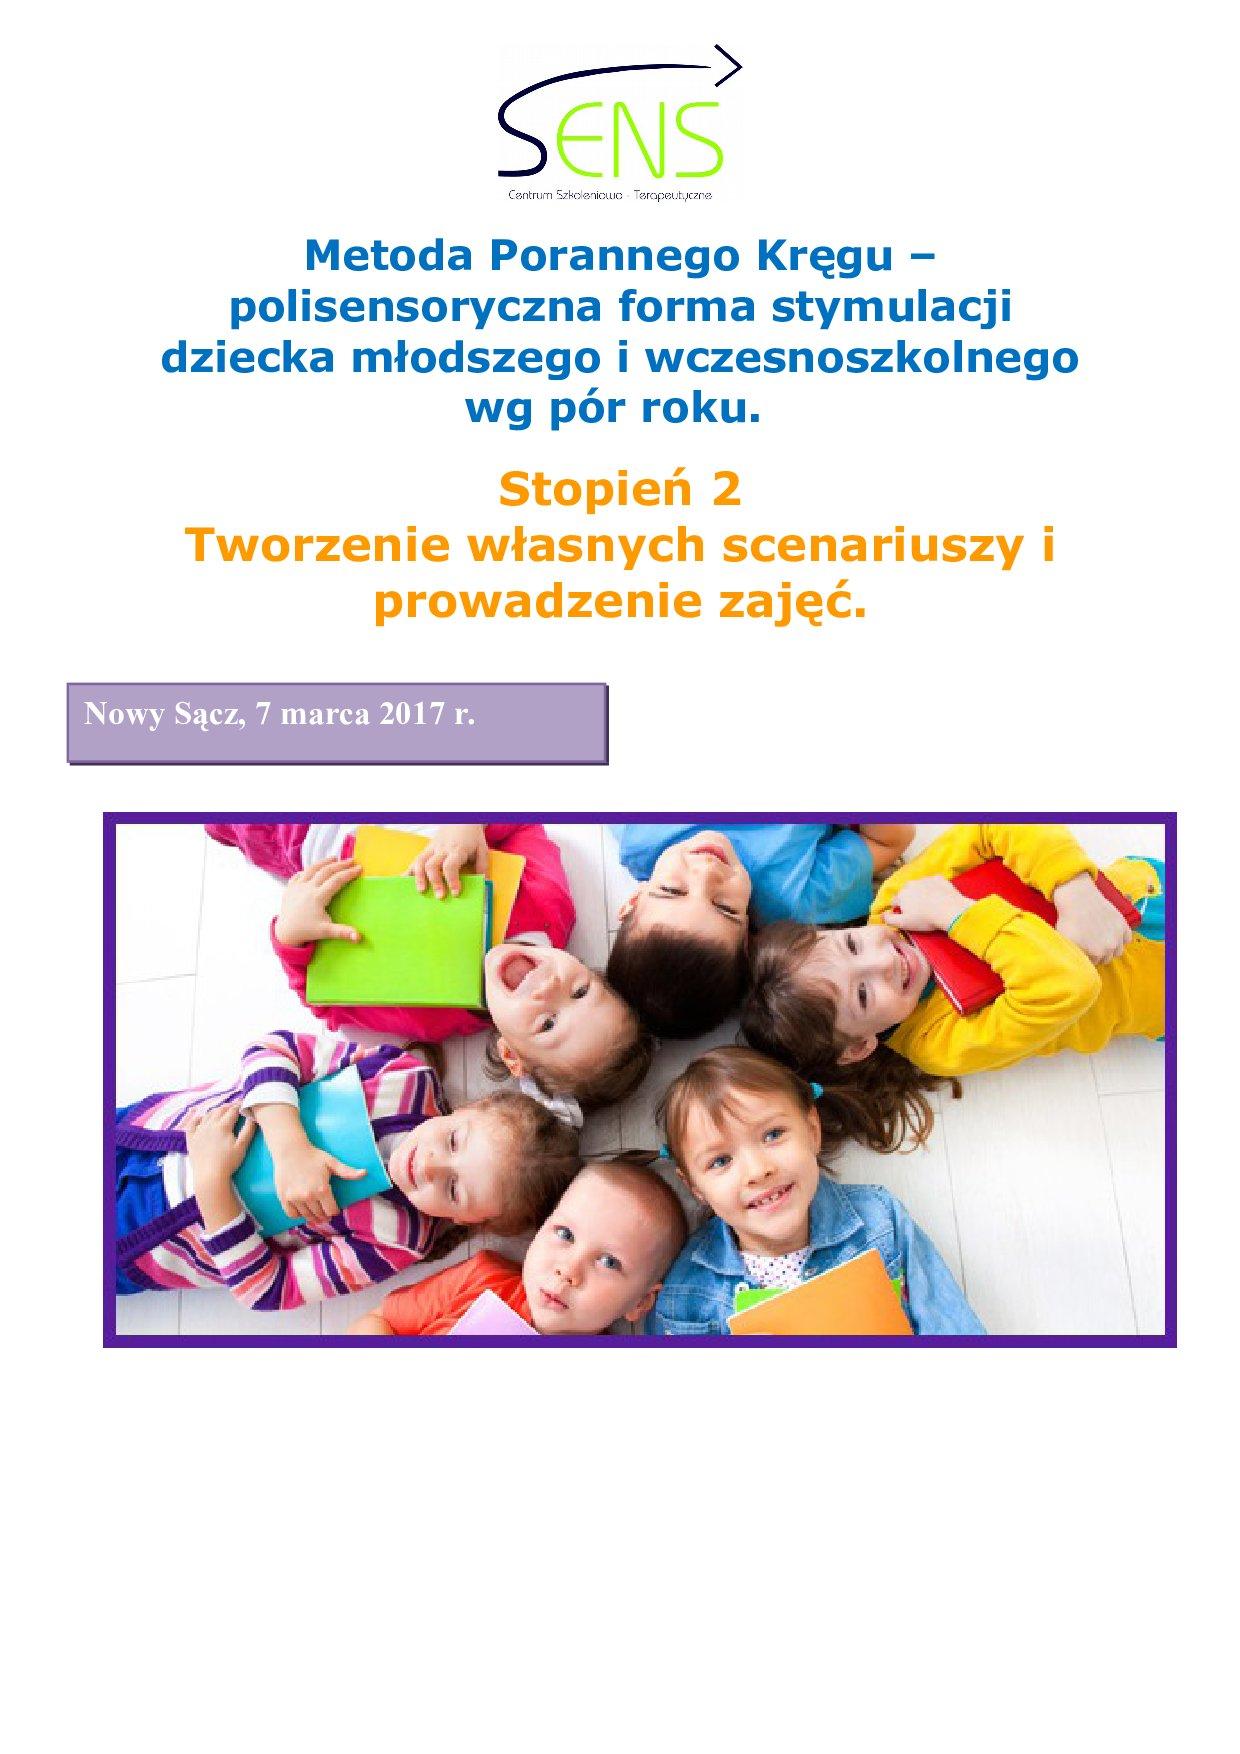 Nowy Sącz, Poranny krąg st. 2, 07.03.2017 r.